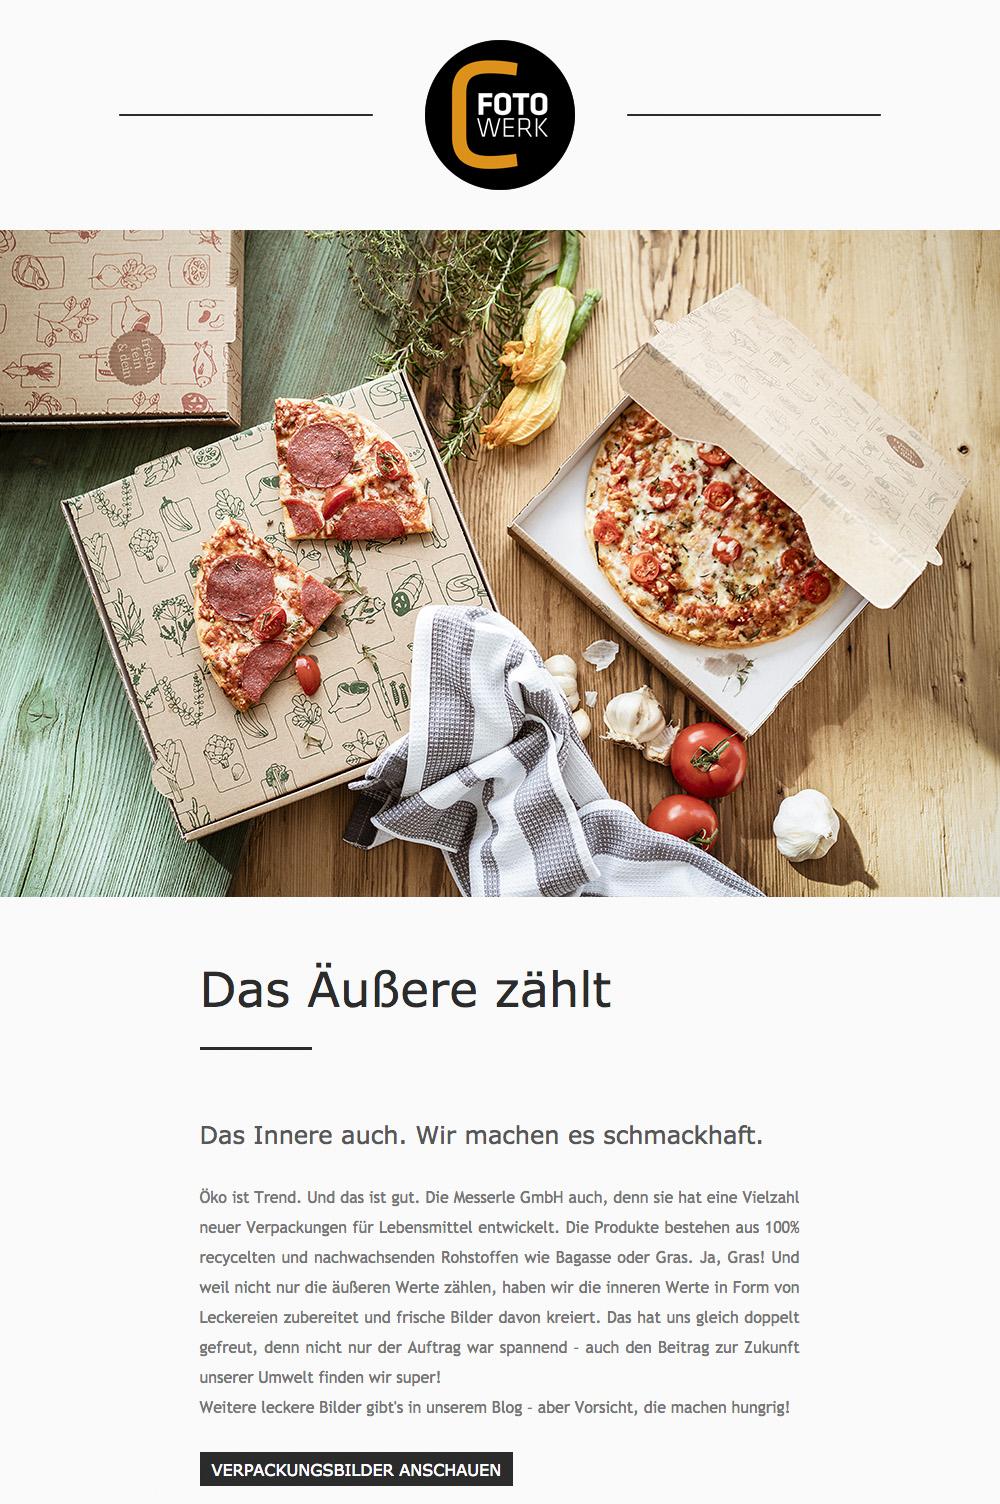 Fotowerk Newsletter 2019-02 - Foodfotografie, Modefotografie, Architekturfotografie